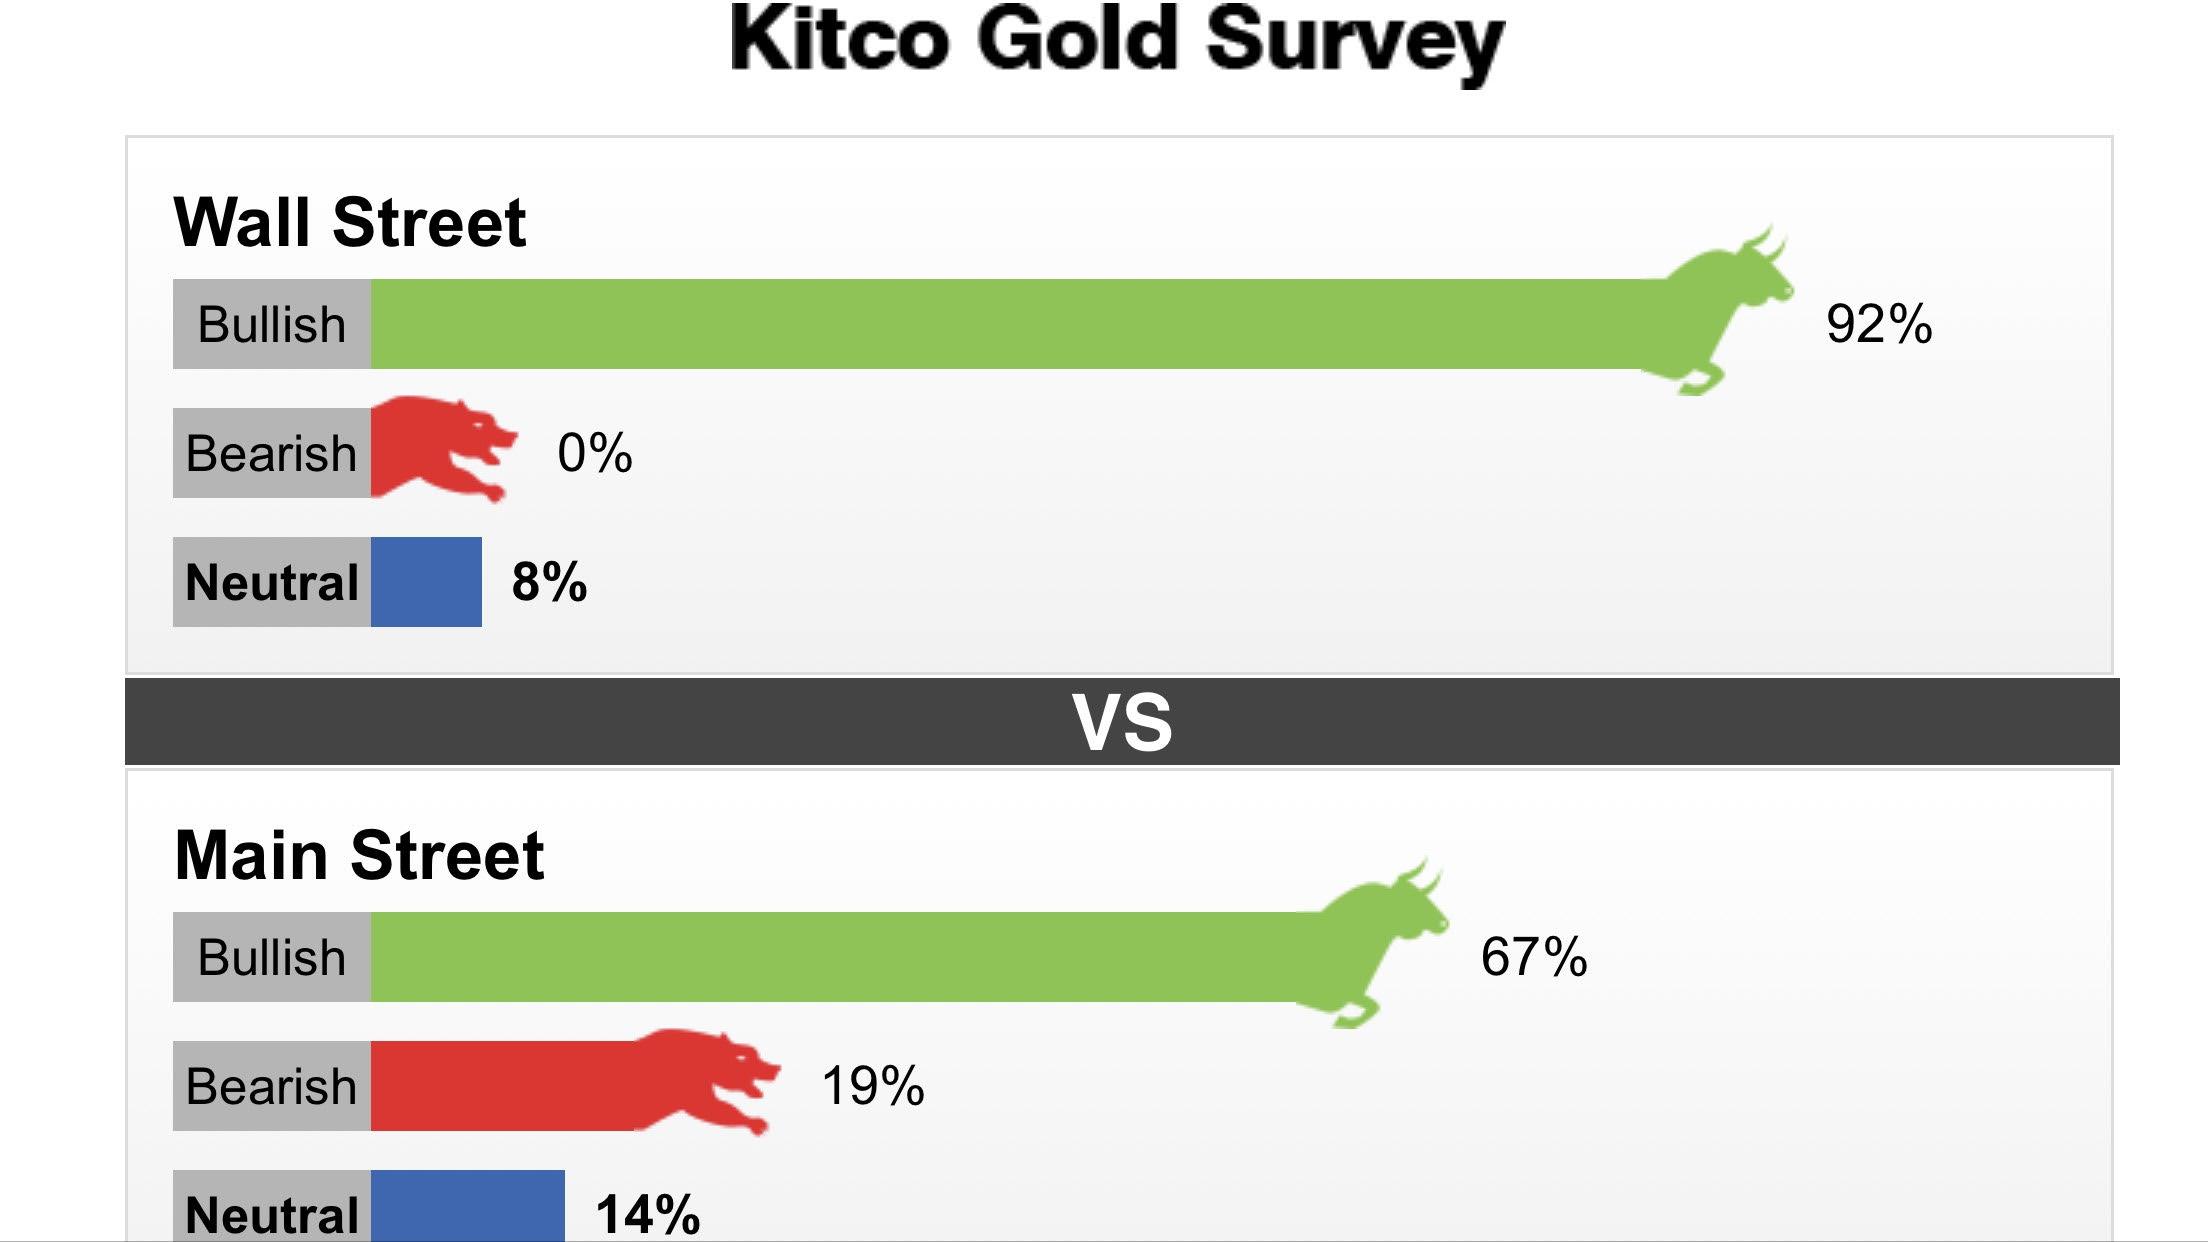 Tuần từ 06-11/4/2020: Hơn 90% chuyên gia dự đoán giá vàng sẽ tăng